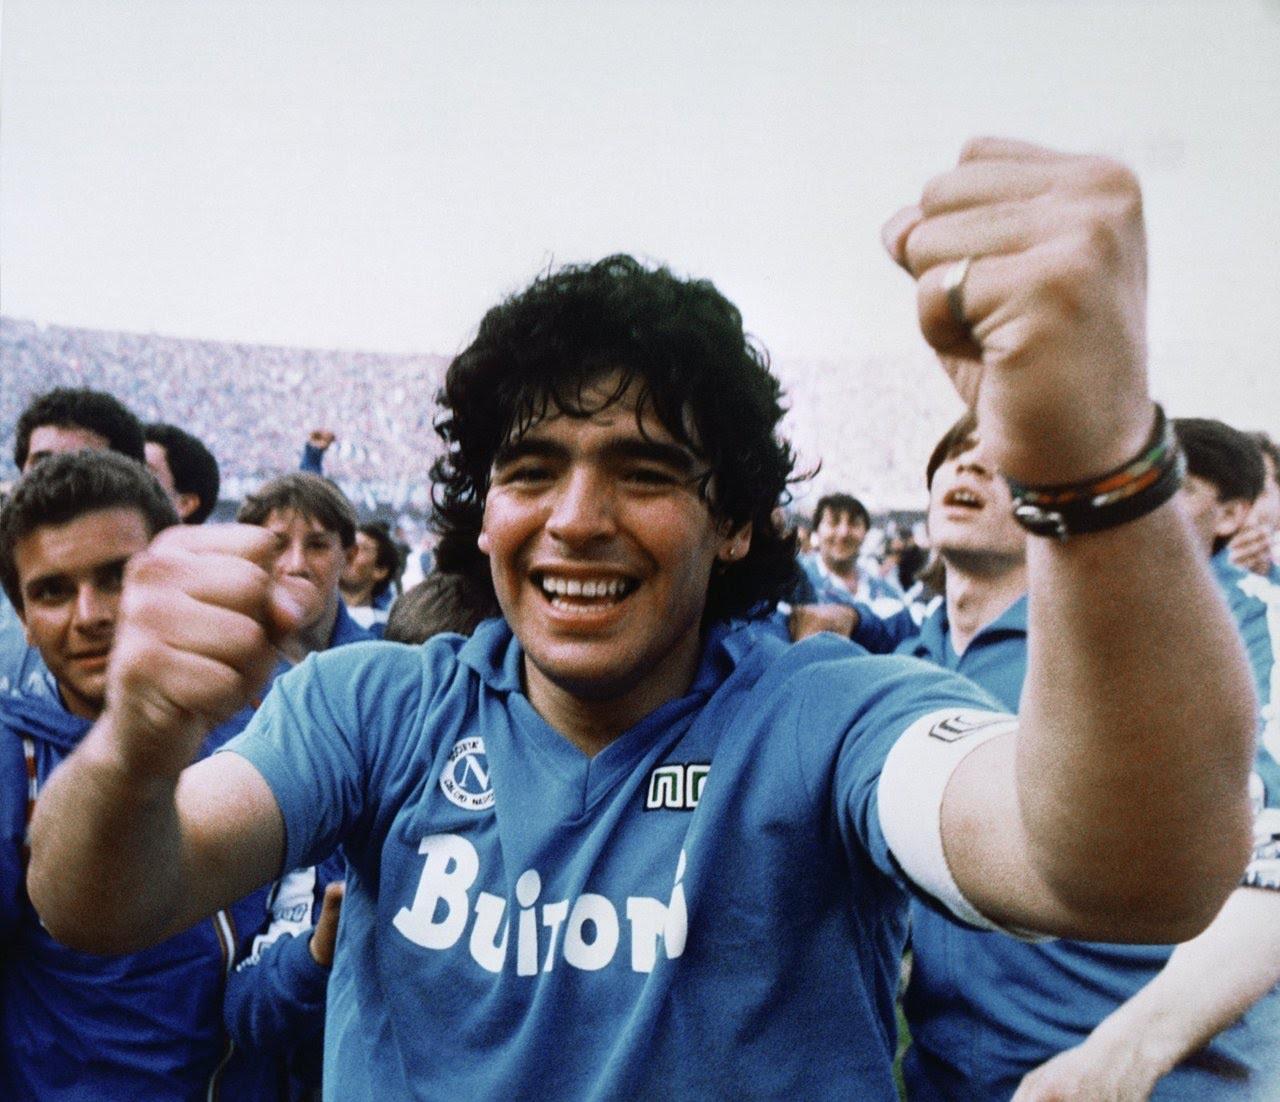 Năm 1986, sau thành công vang dội cùng Napoli và ĐT Argentina, Maradona đã có thể giành Quả bóng vàng